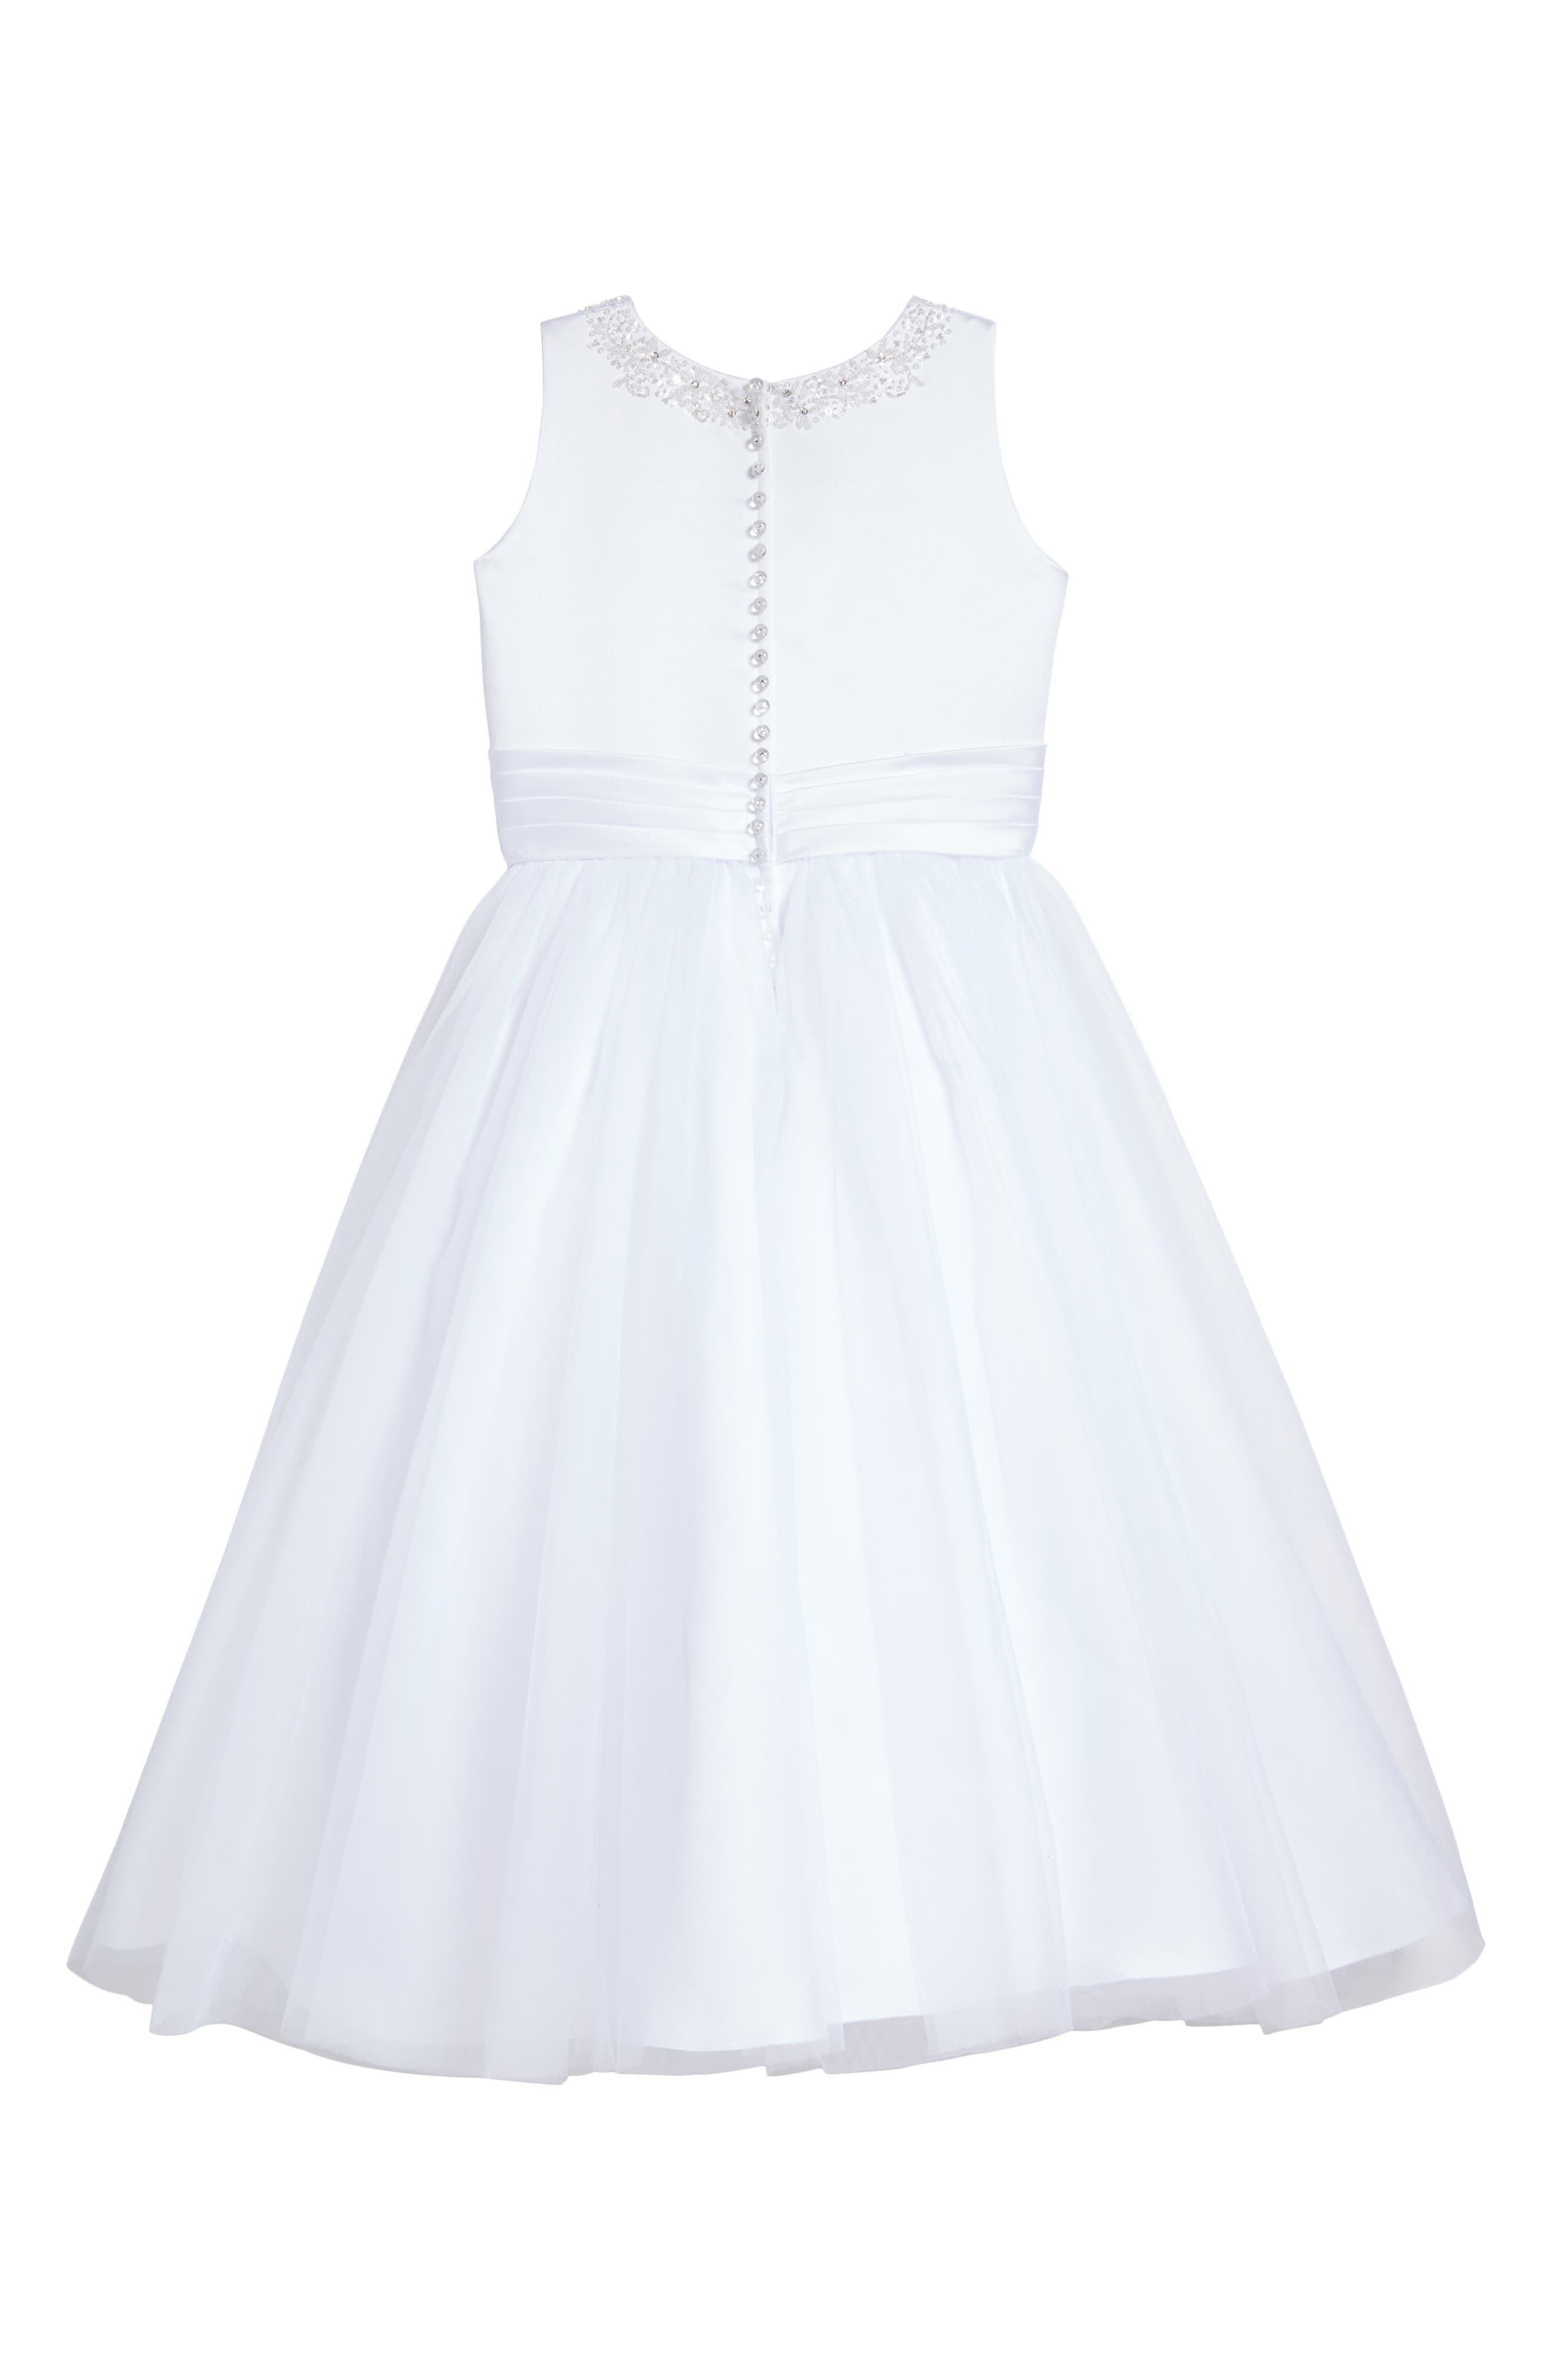 Alternate Image 2  - Joan Calabrese for Mon Cheri Beaded Satin & Tulle First Communion Dress (Toddler Girls, Little Girls & Big Girls)